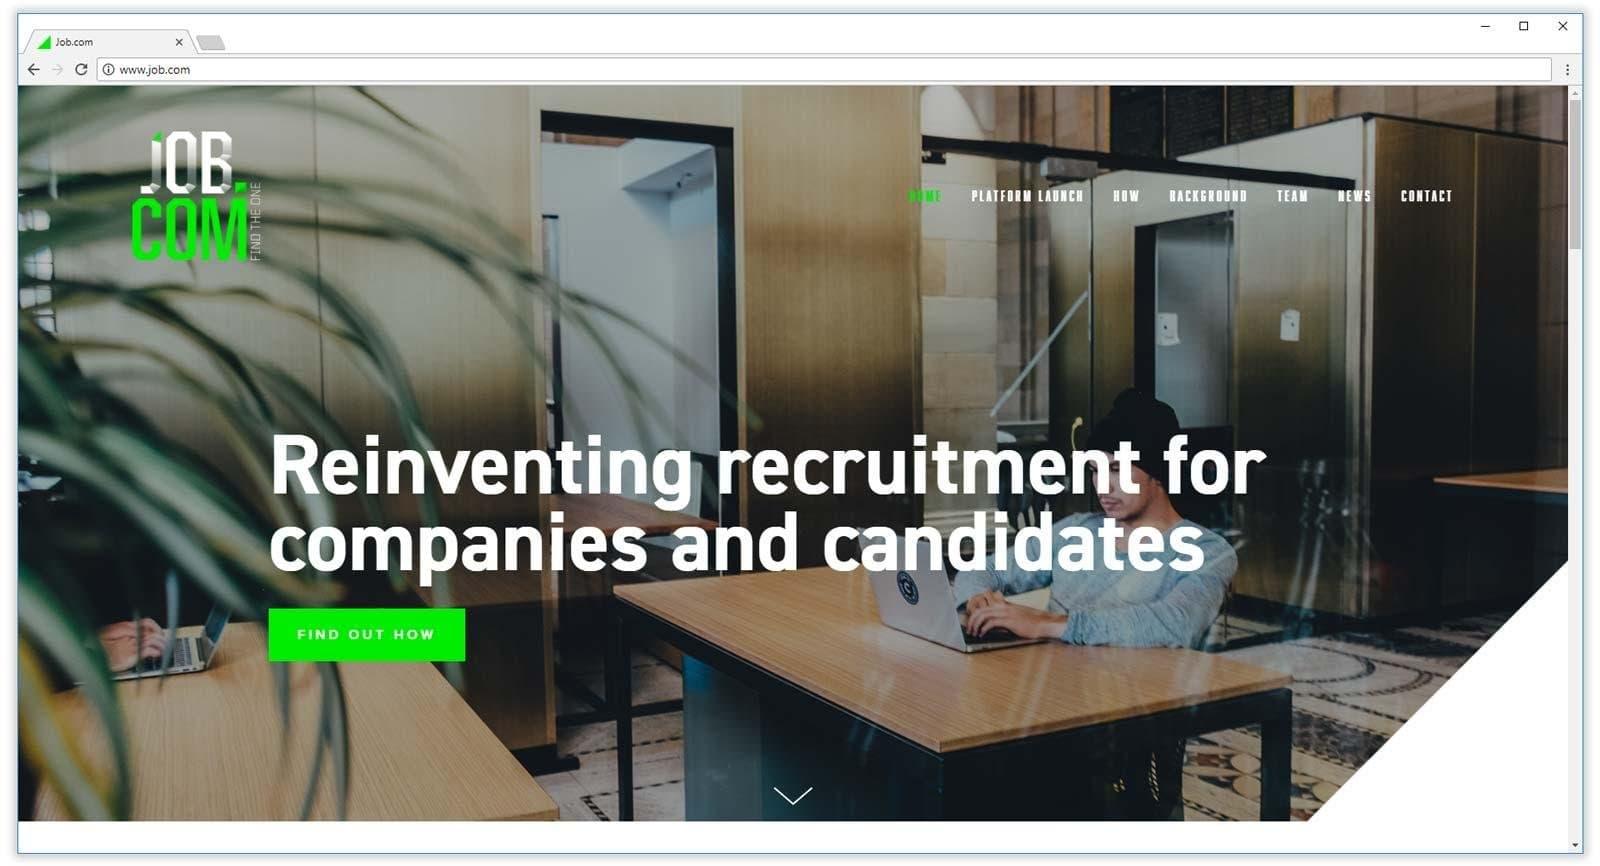 homepage do job.com